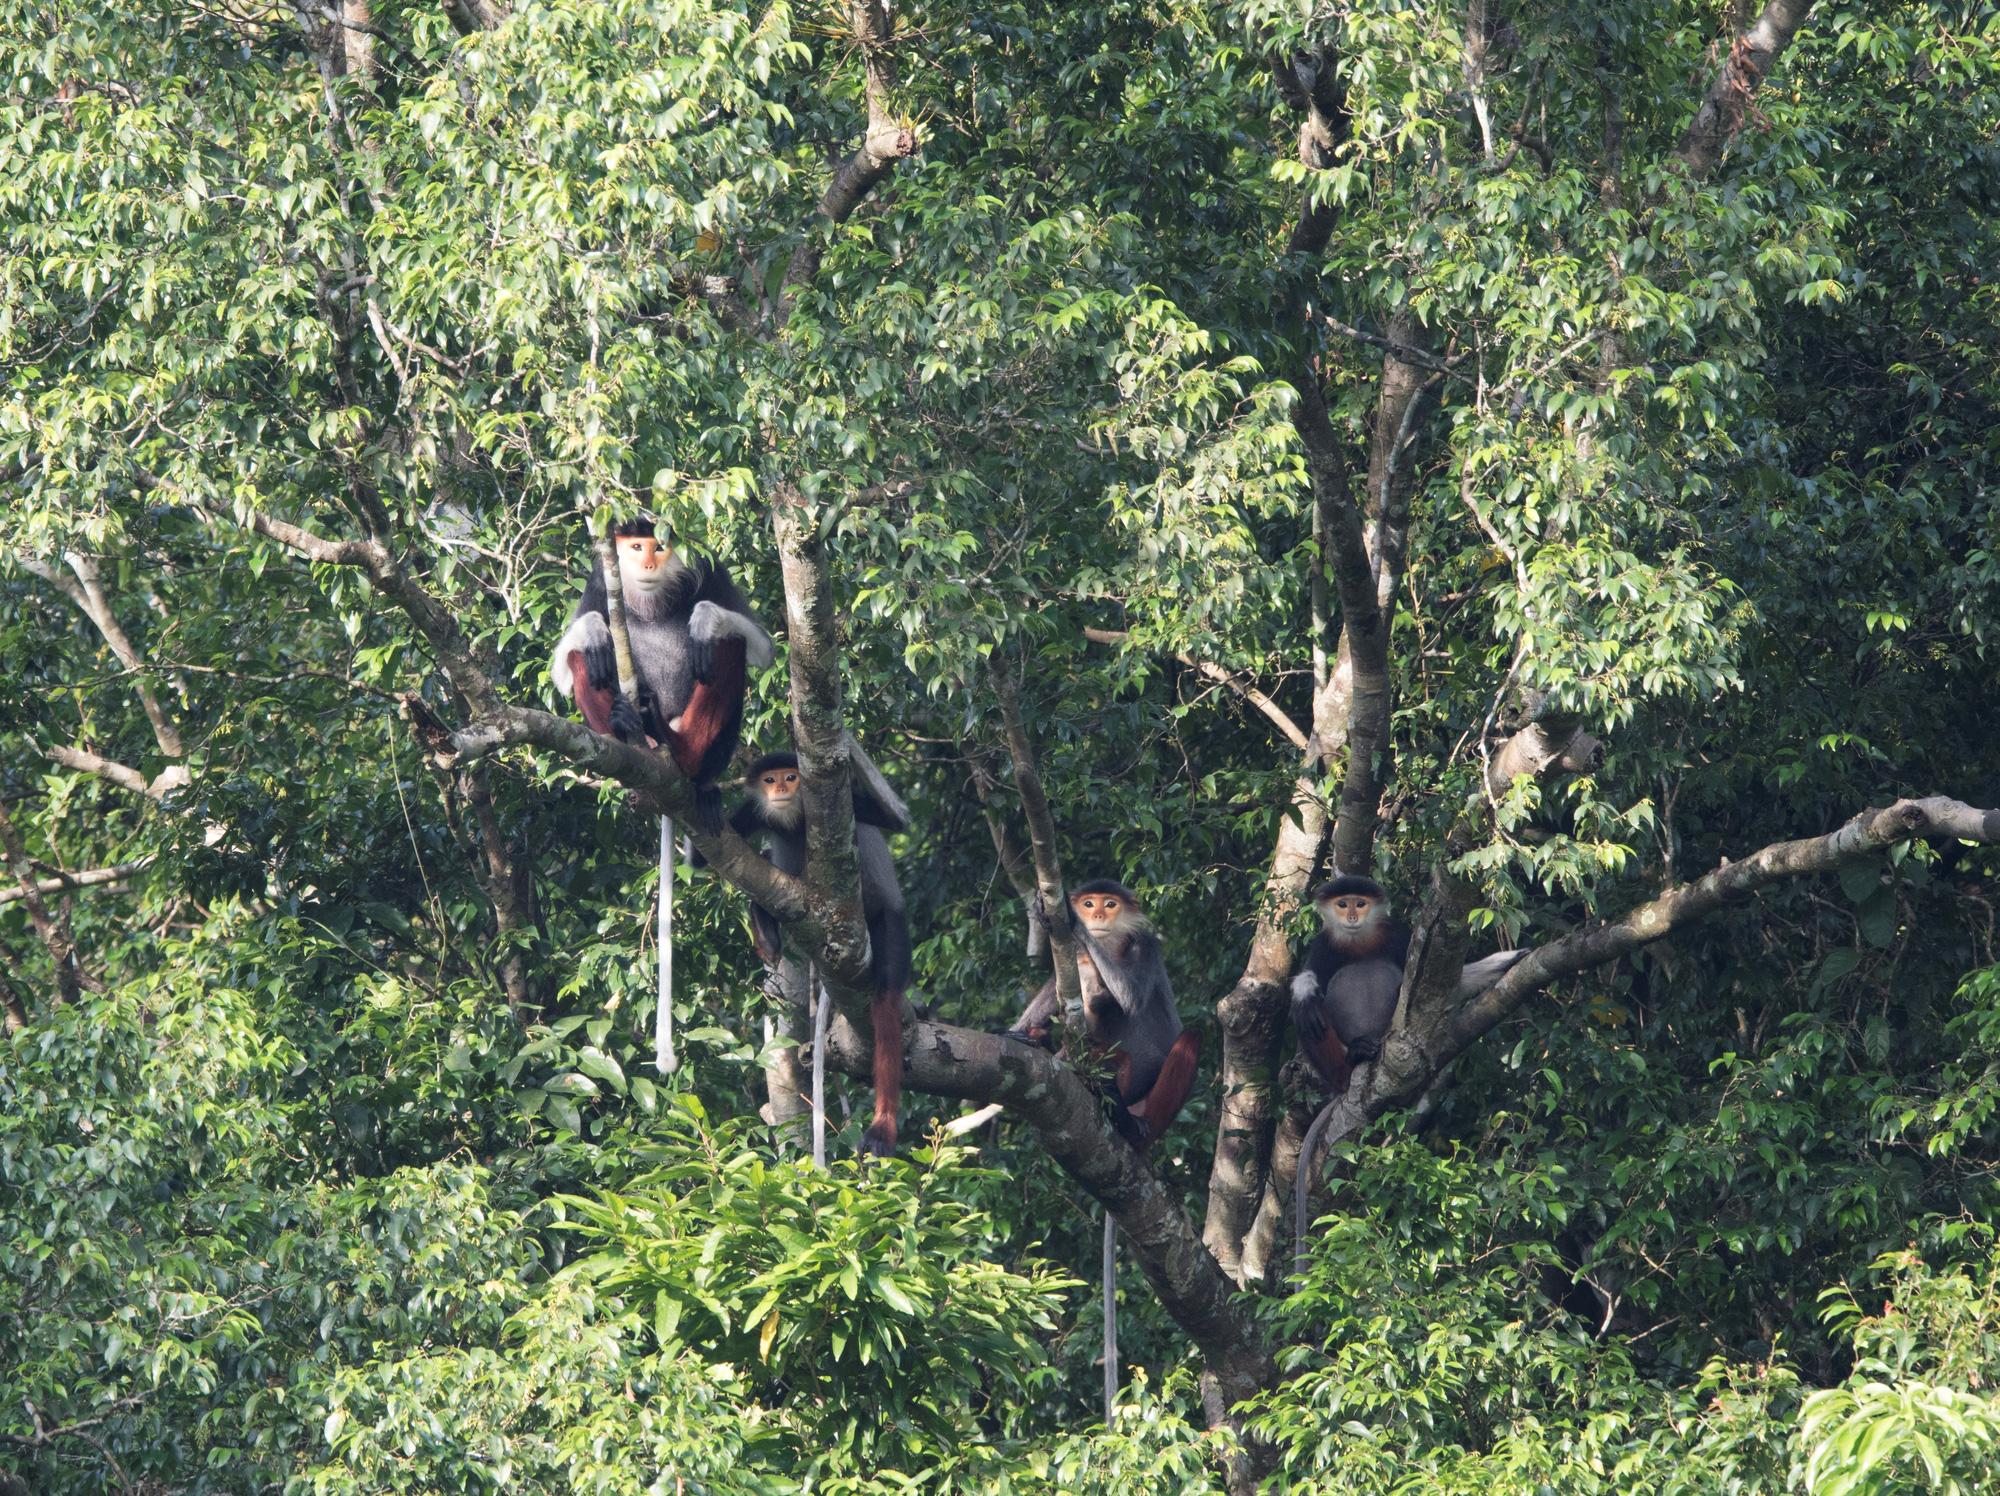 Chiêm ngưỡng những loài thú hoang dã độc lạ ở Khu dự trữ thiên nhiên Động Châu – Khe Nước Trong - Ảnh 1.